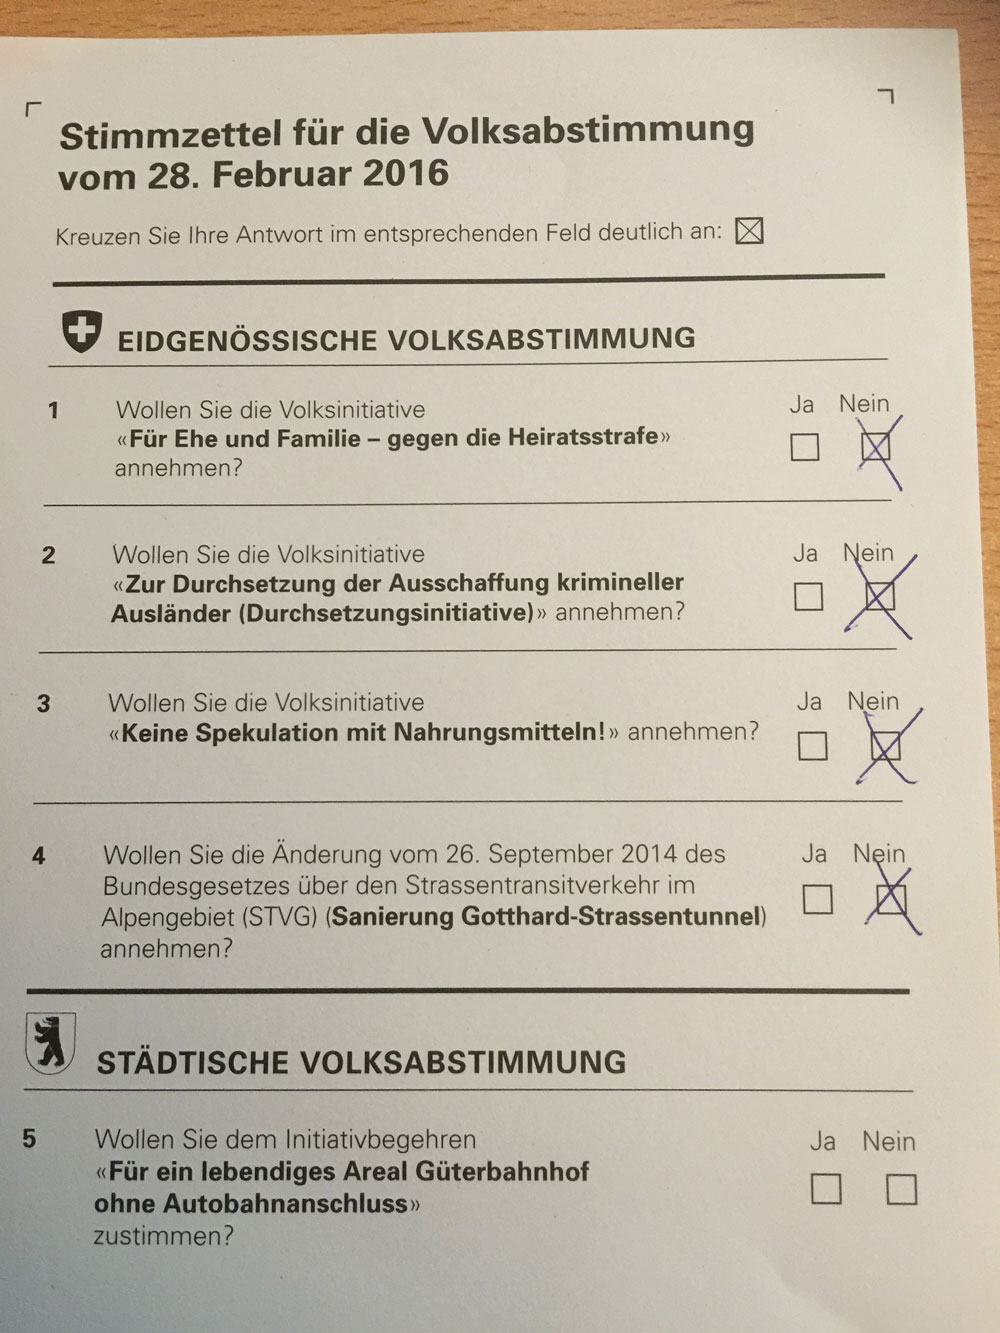 stimmzettel-abstimmung-schweiz-28-februar-2016-meine-entscheidung